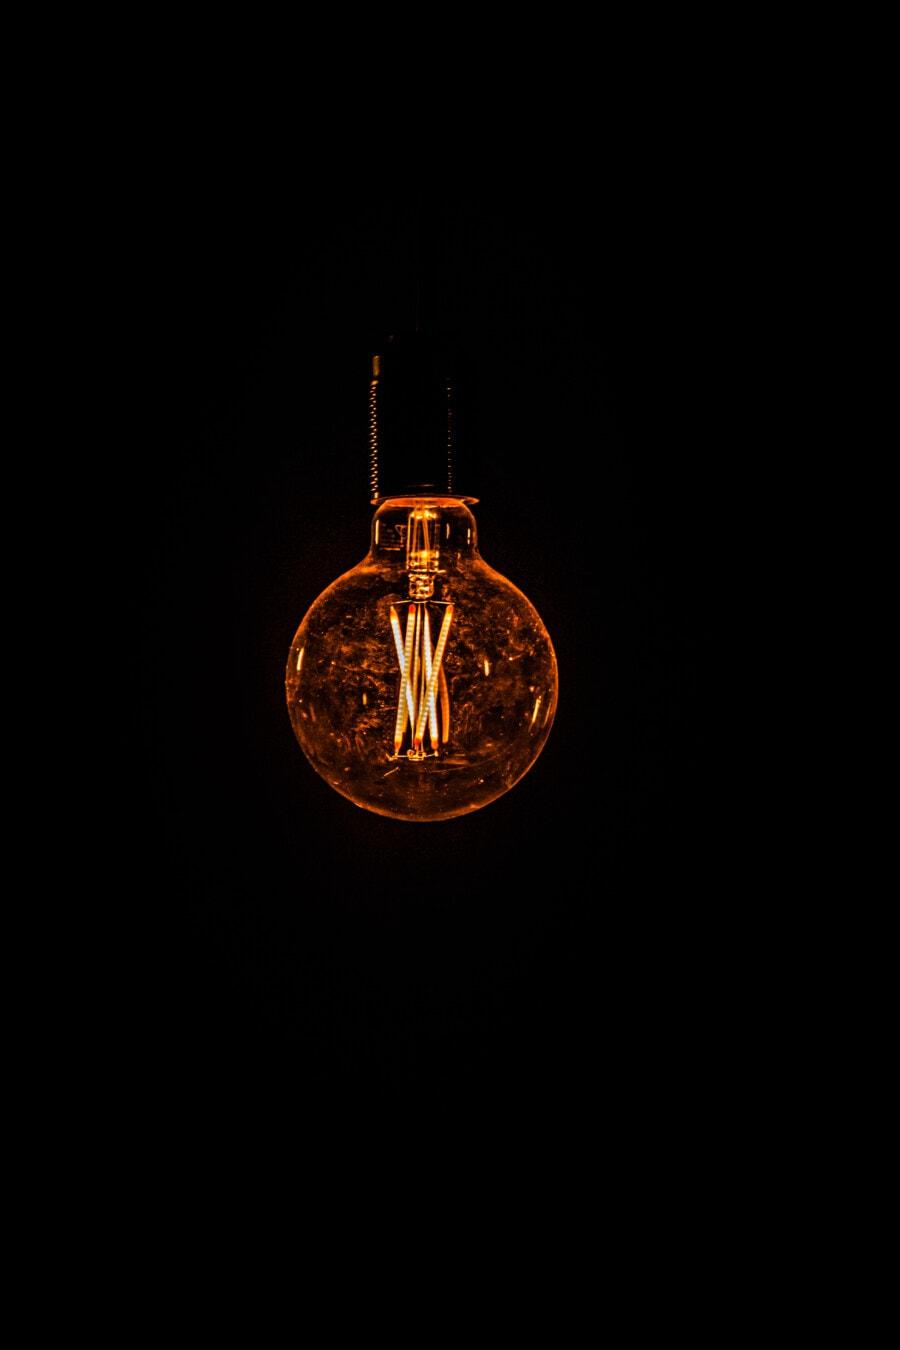 ötlet, villanykörte, tudomány, sötét, háttér, drót, üveg, fény, világító, világos